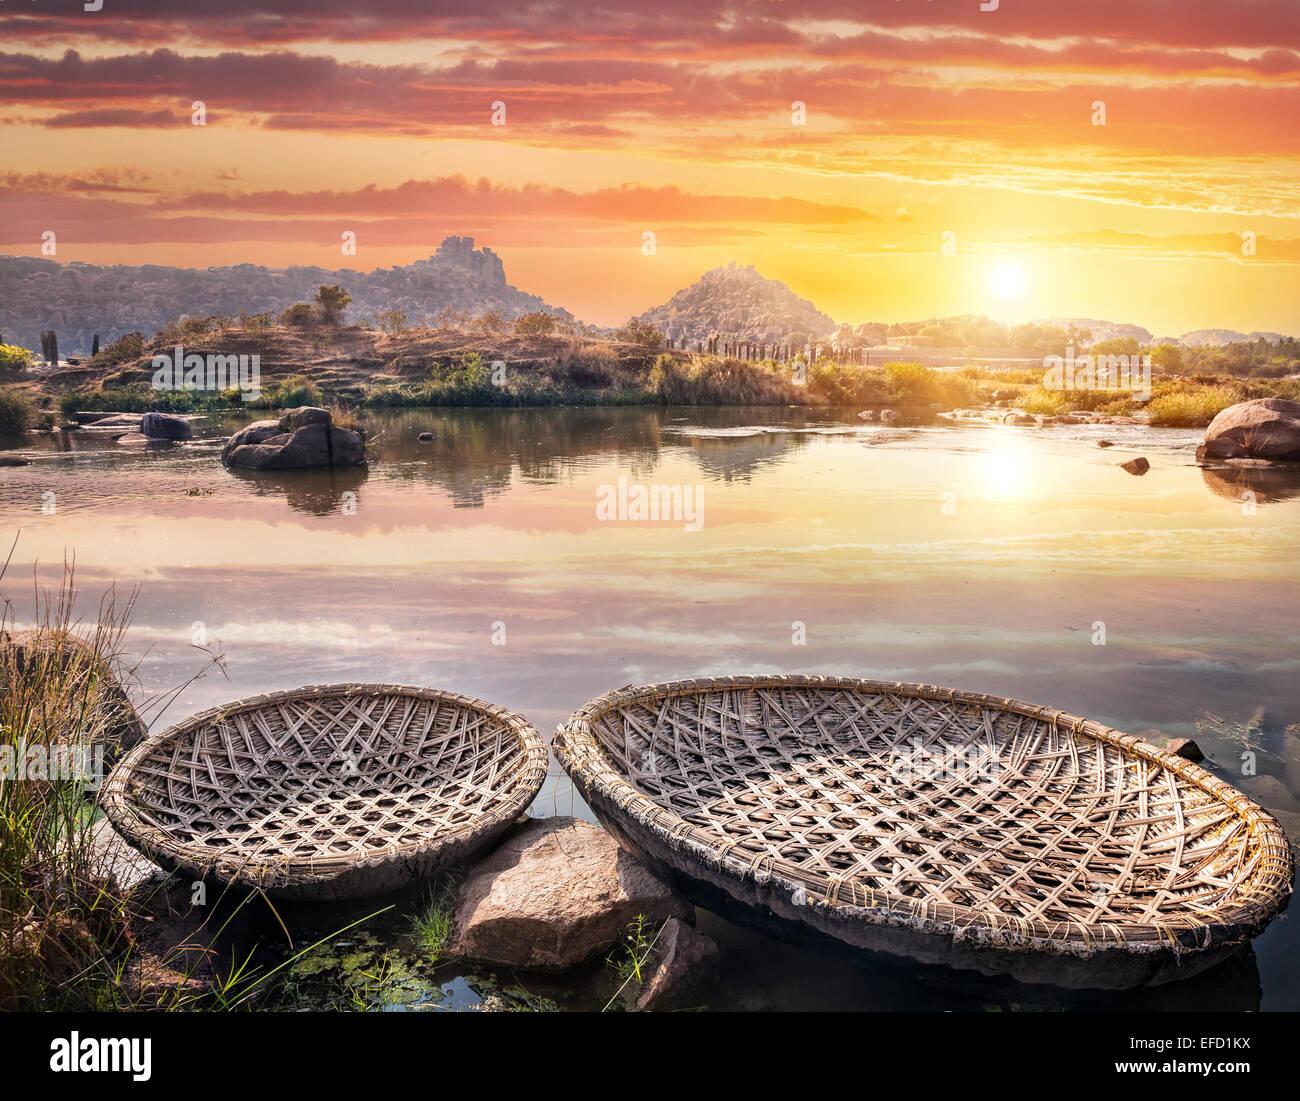 La forma rotonda barche sul fiume Tungabhadra al Cielo di tramonto in Hampi, Karnataka, India Immagini Stock